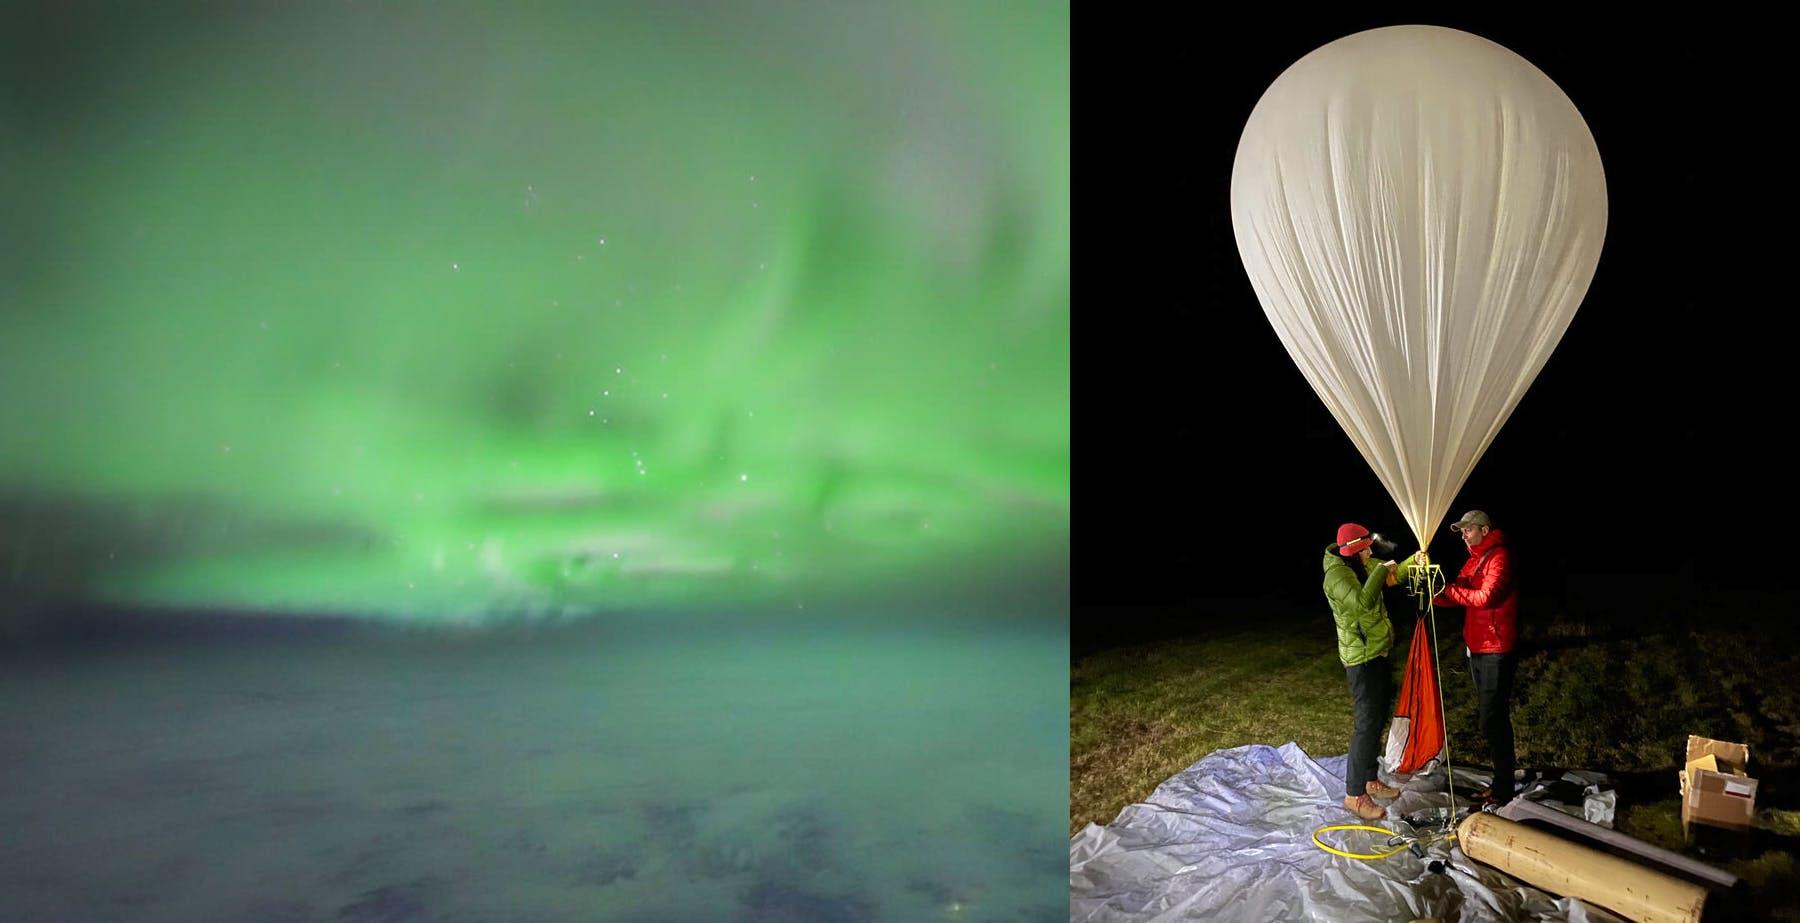 L'aurora boreale ripresa da una Sony A7S III agganciata a un pallone aerostatico è meravigliosa. Toccati i 37 km di quota